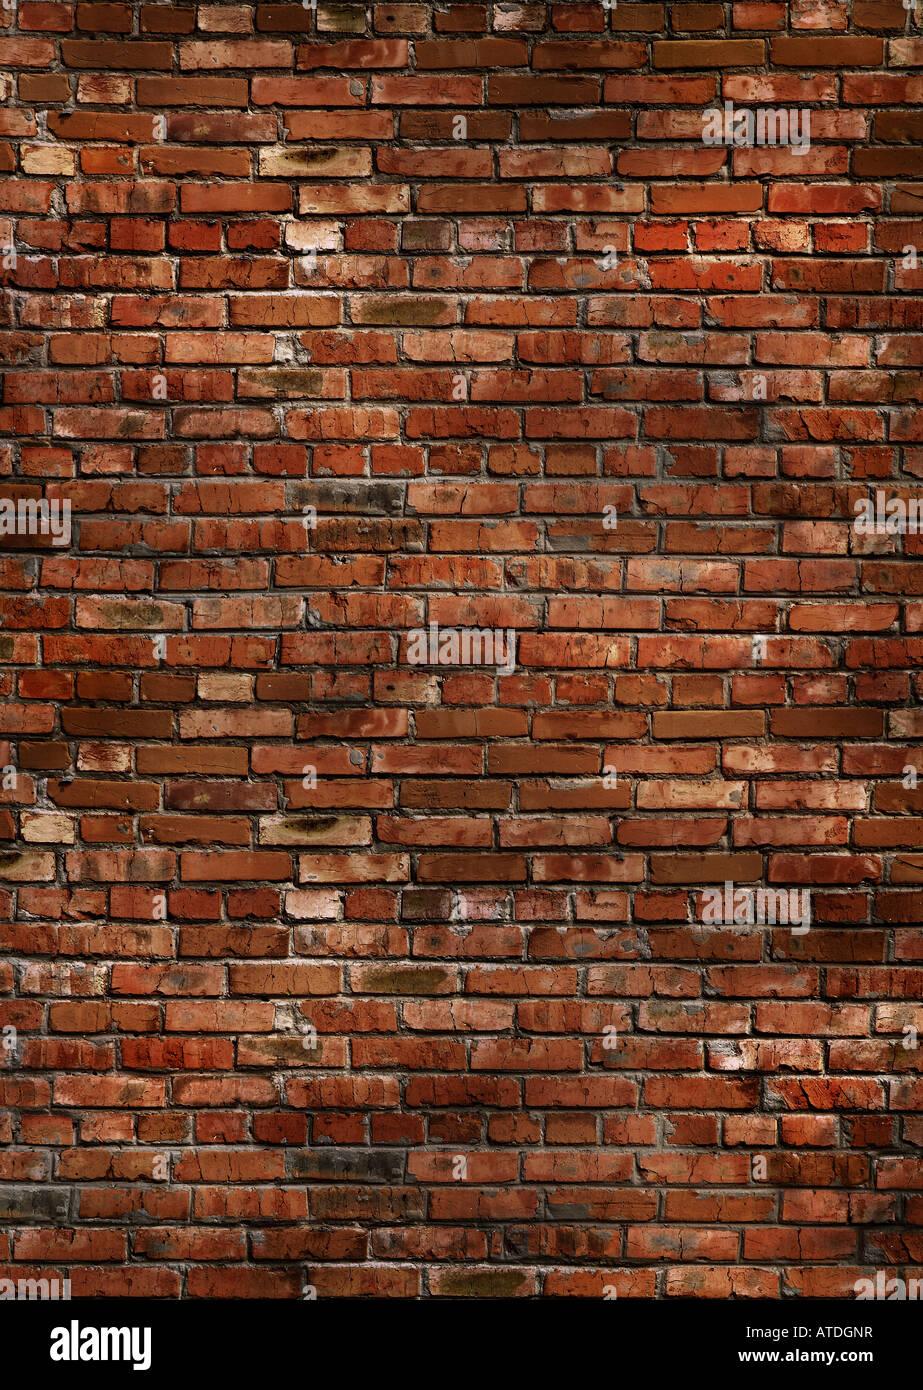 La texture du mur de brique rouge foncé Photo Stock